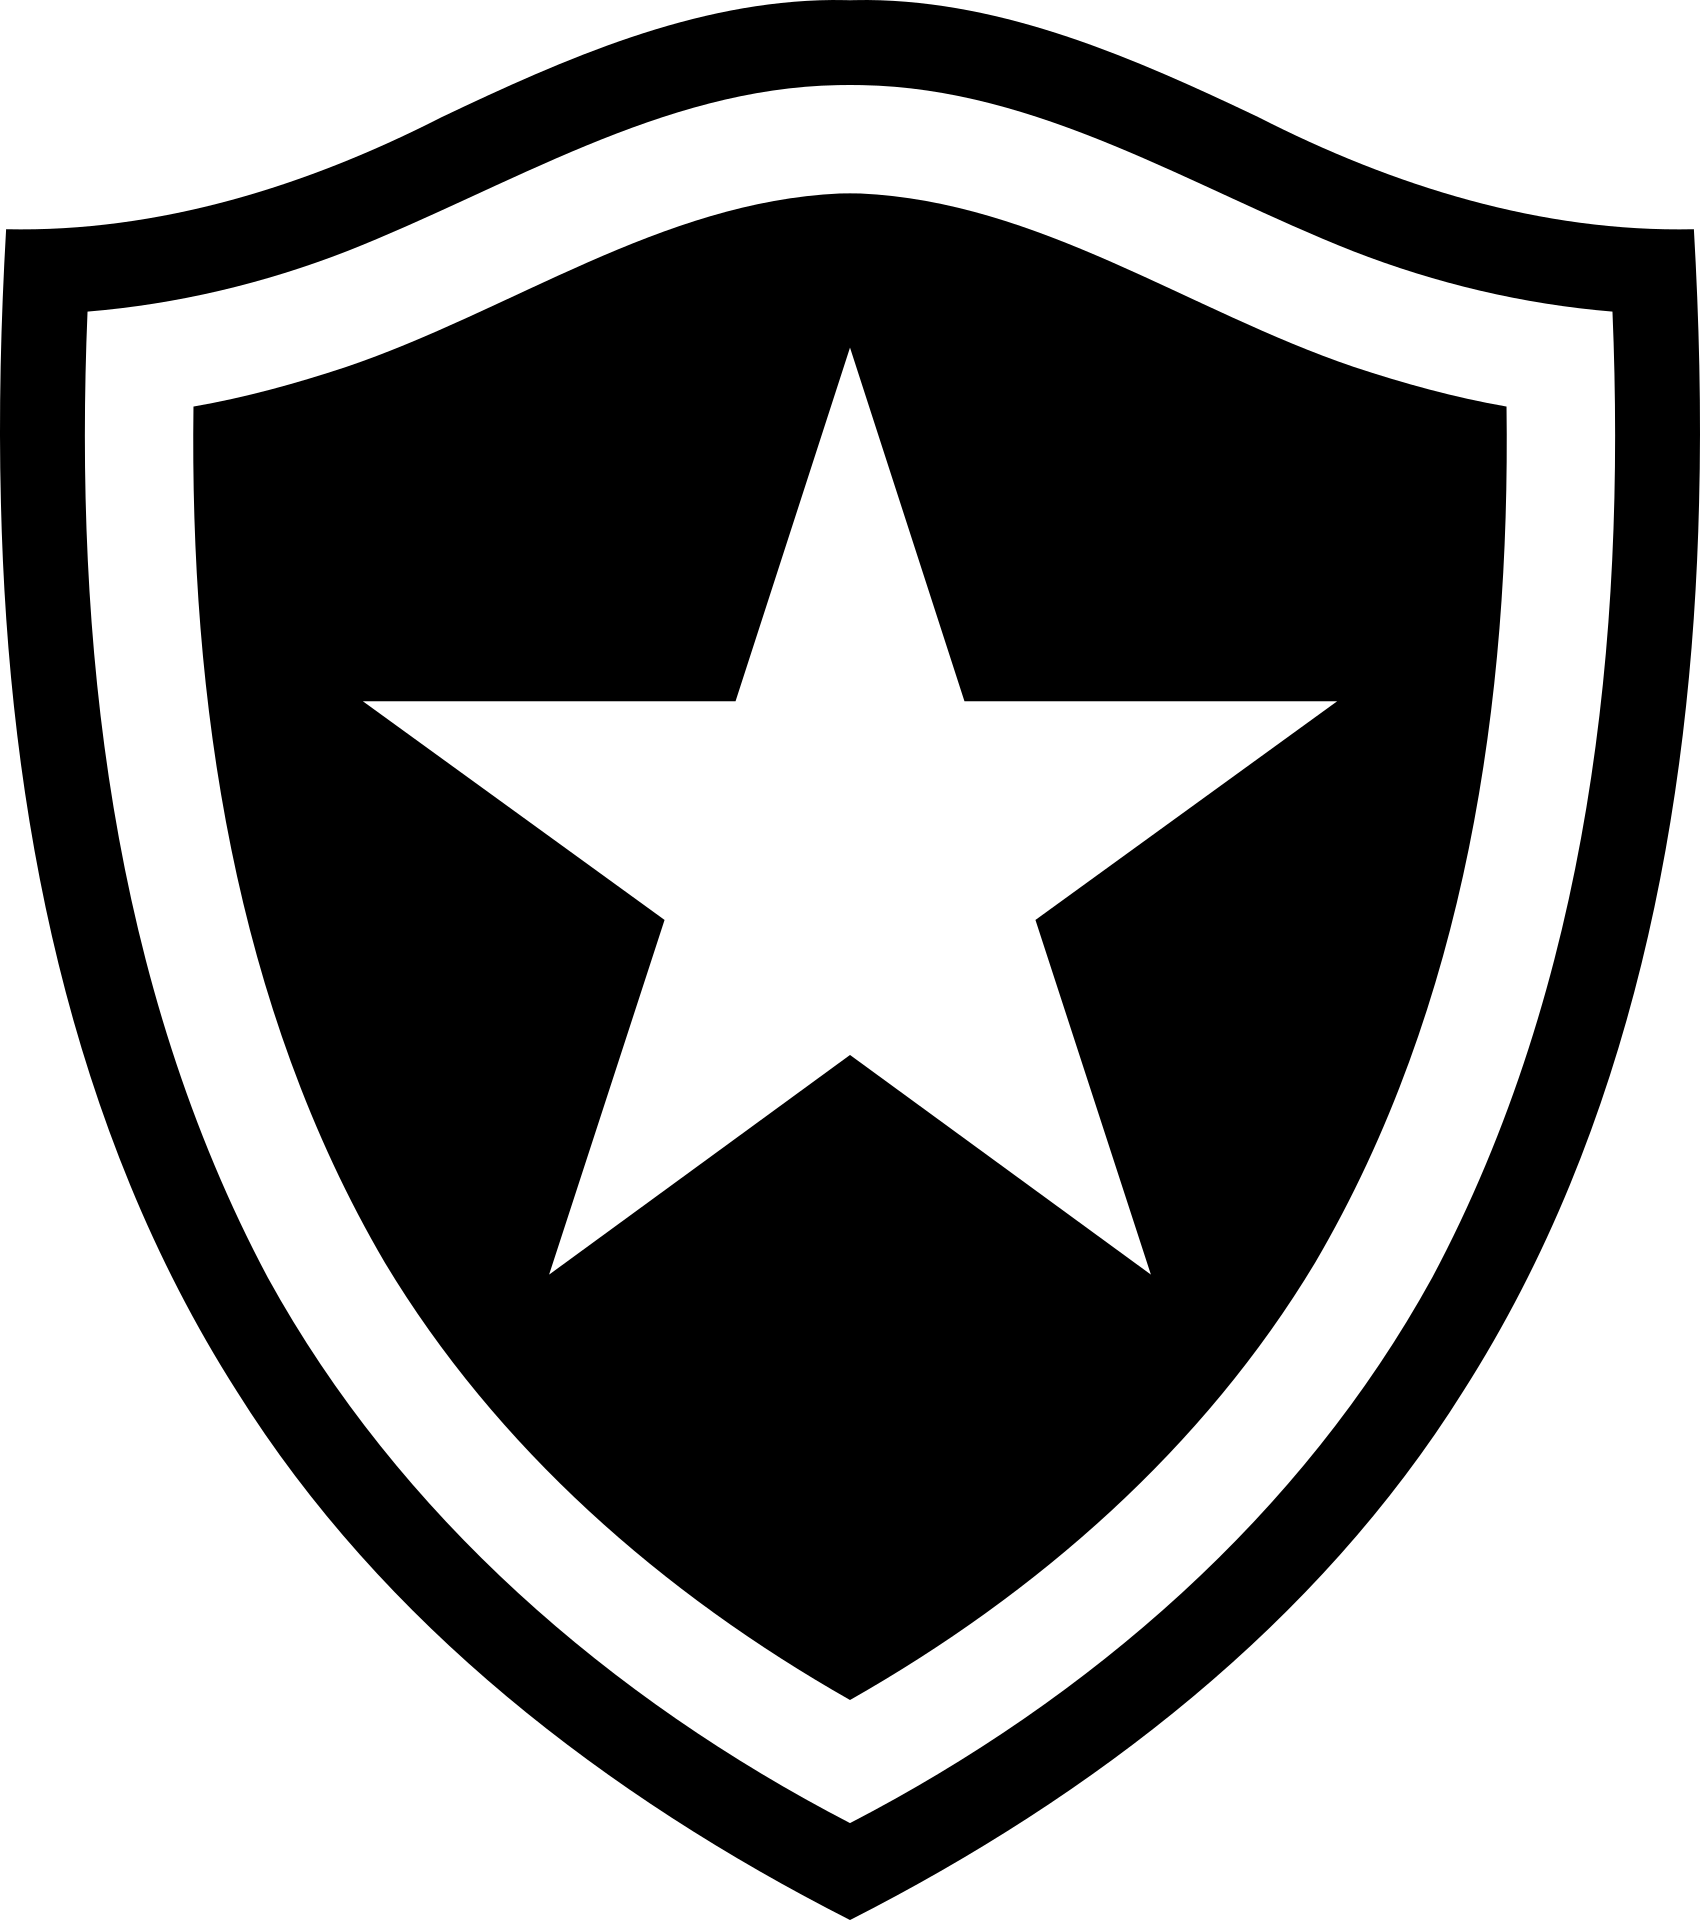 escudo-do-botafogo-2